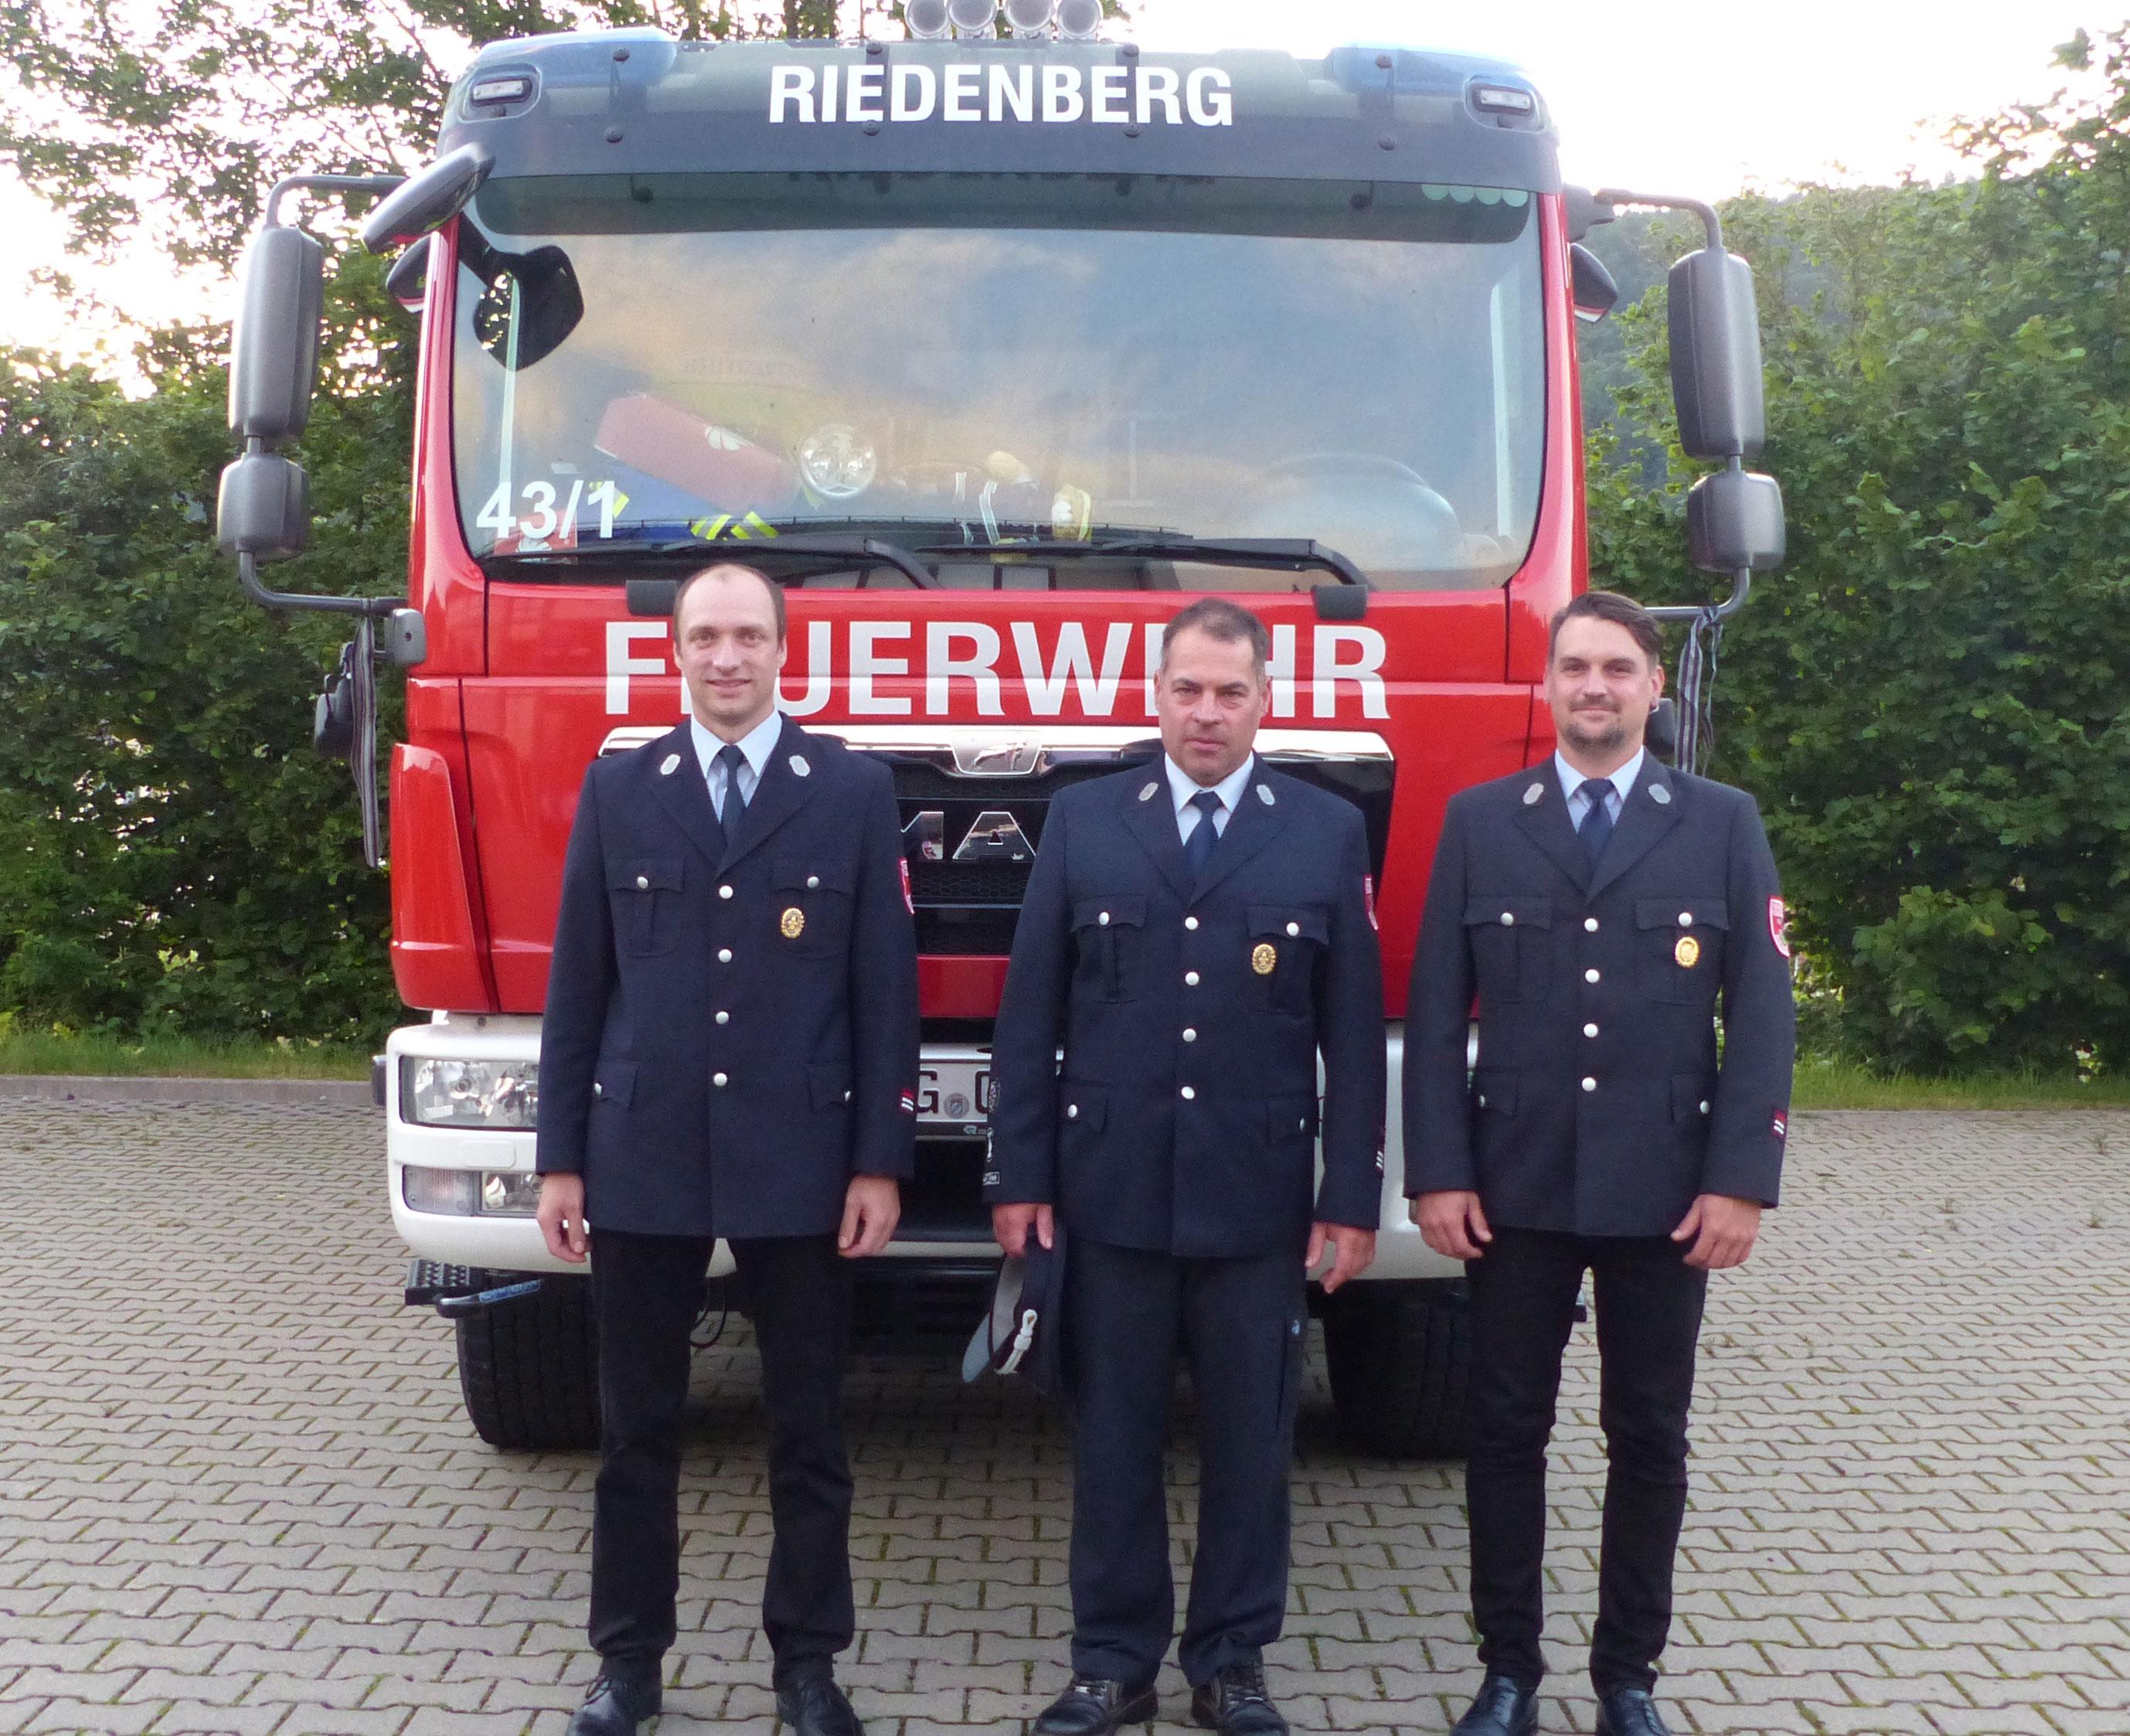 Feuerwehrführung